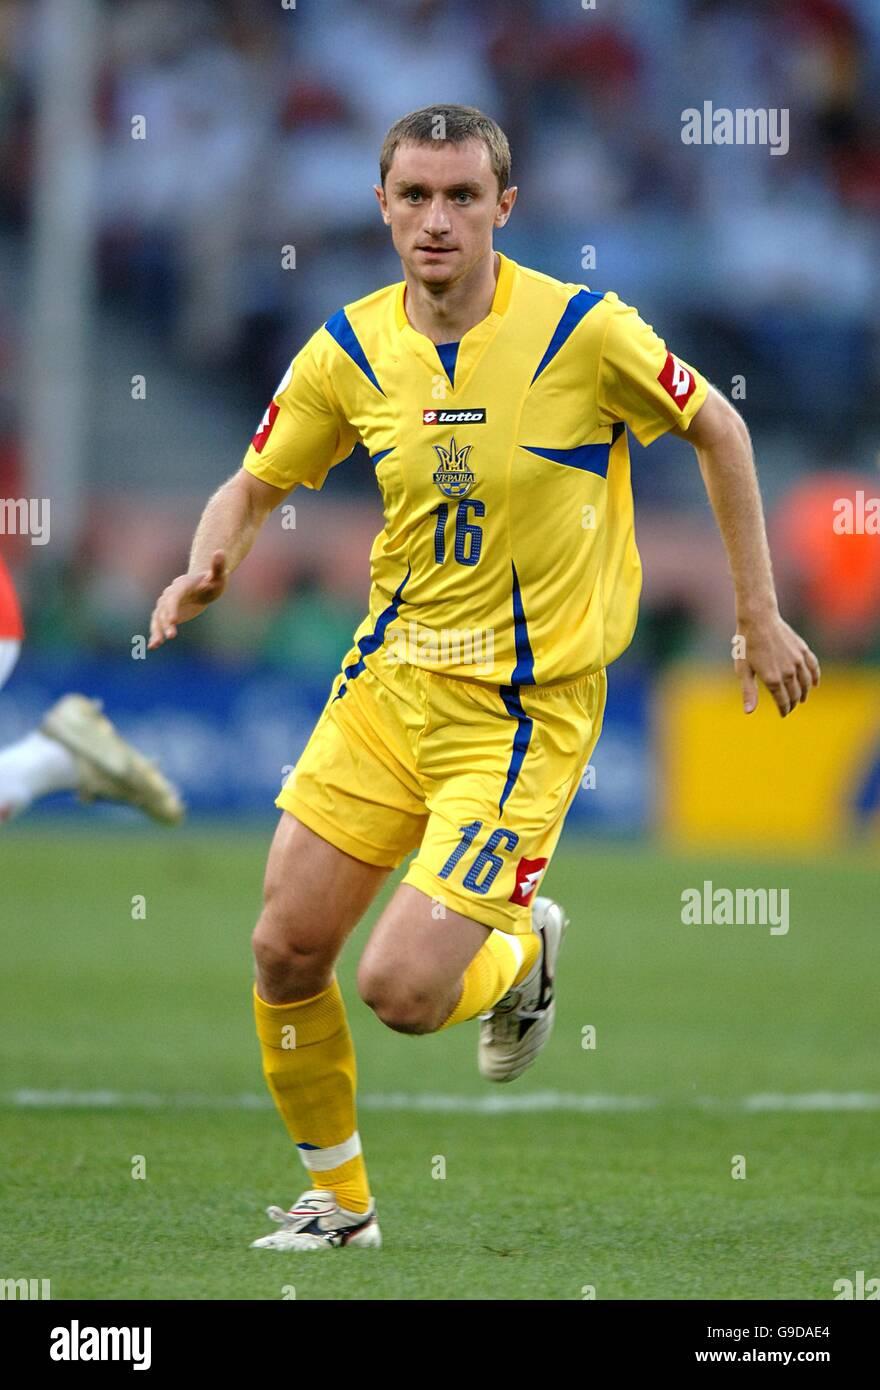 Football coupe du monde de la fifa 2006 deuxi me tour suisse ukraine v stade - Coupe du monde de football 2006 ...